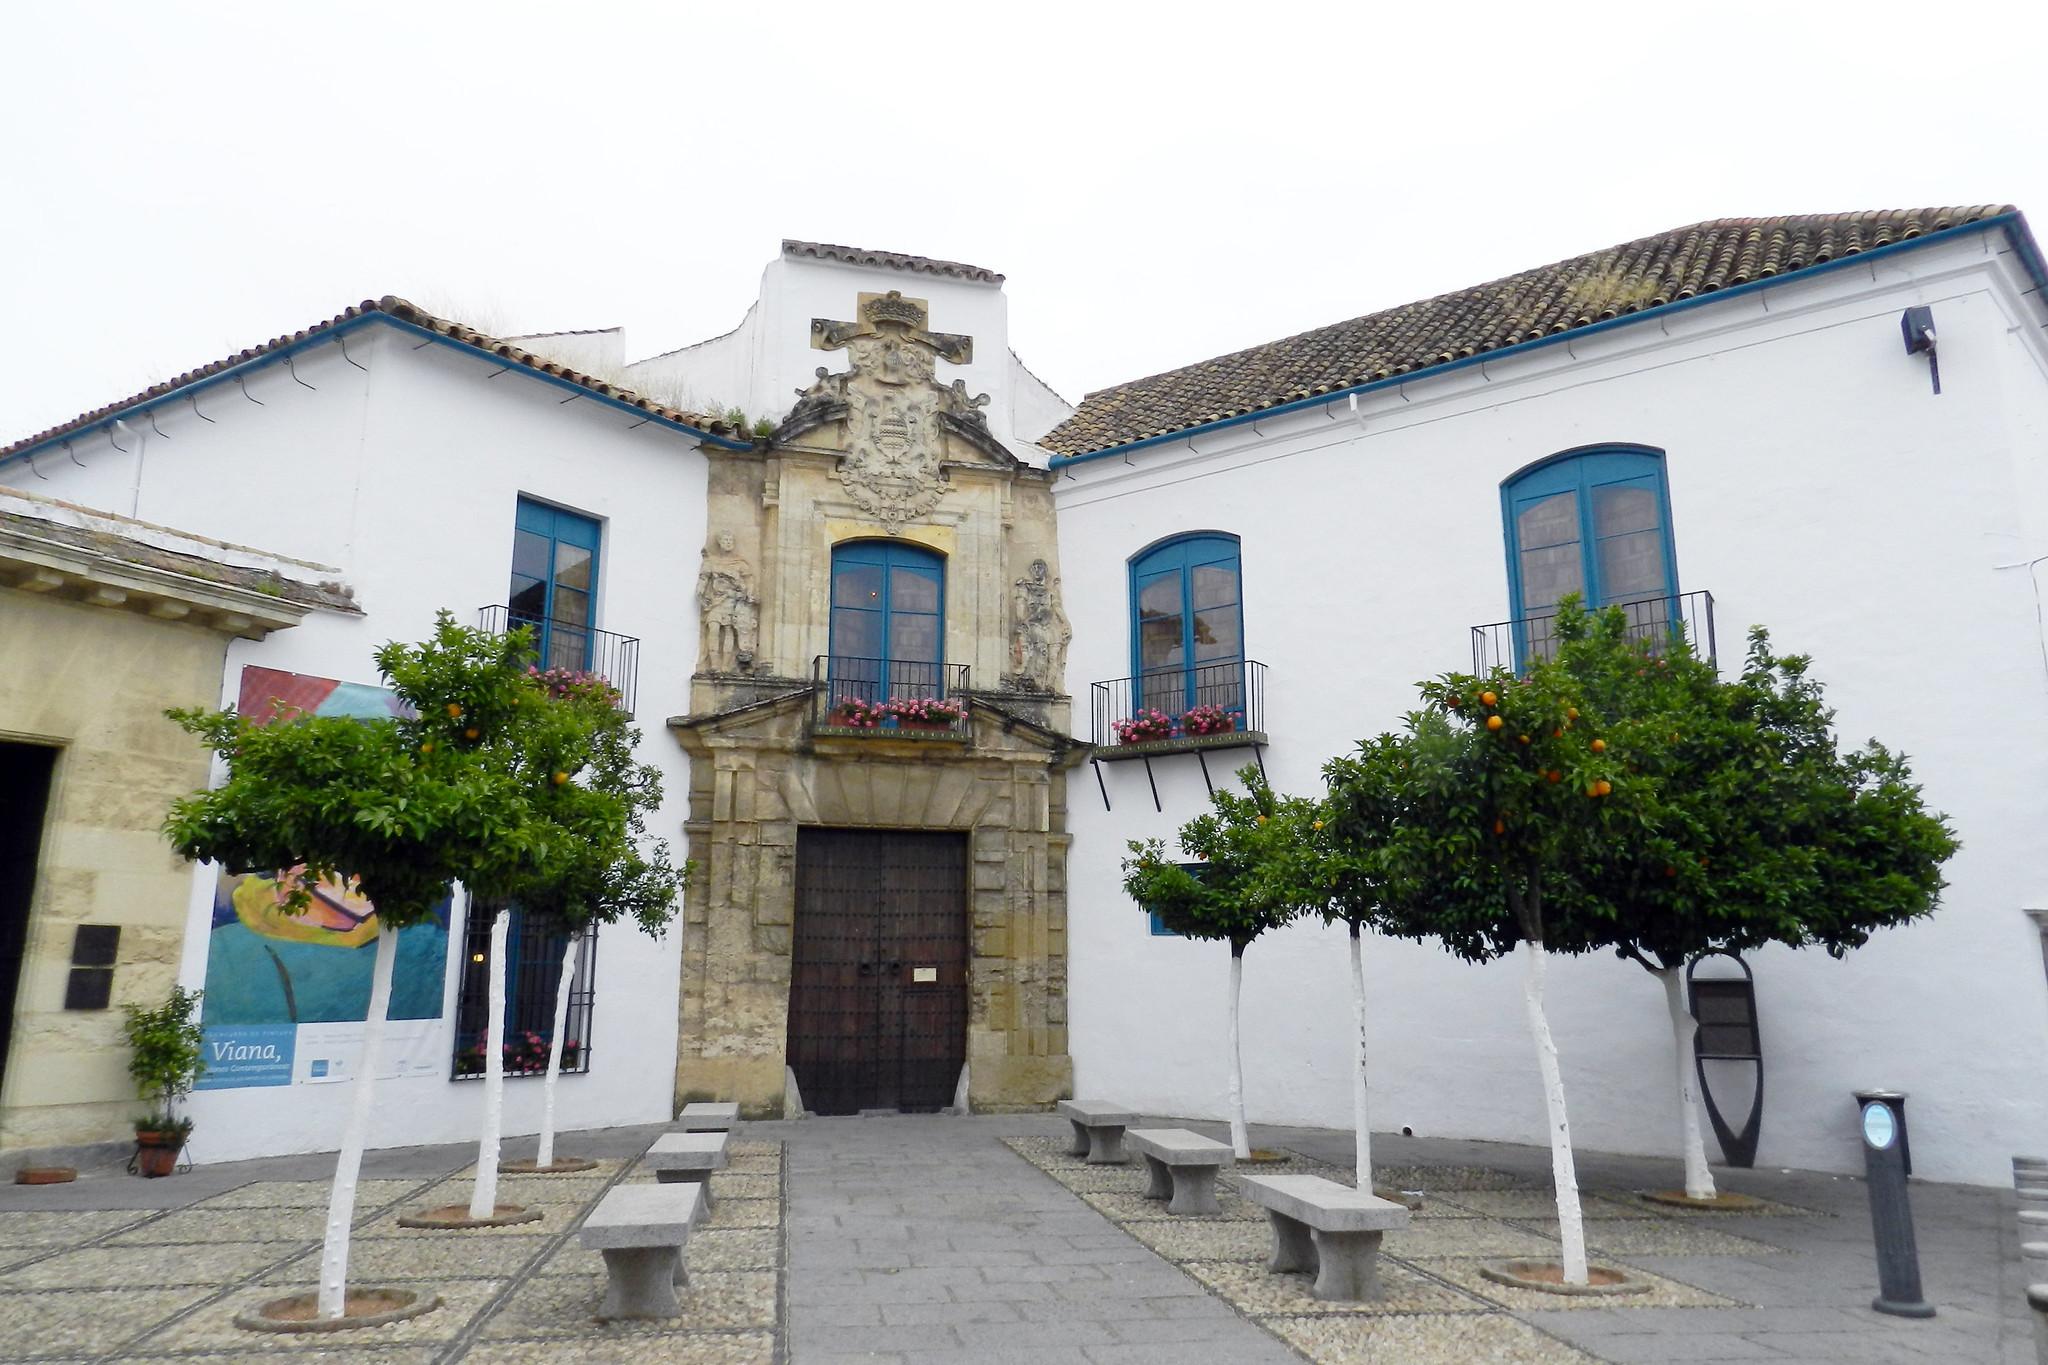 portada exterior entrada al Palacio de Viana Cordoba España